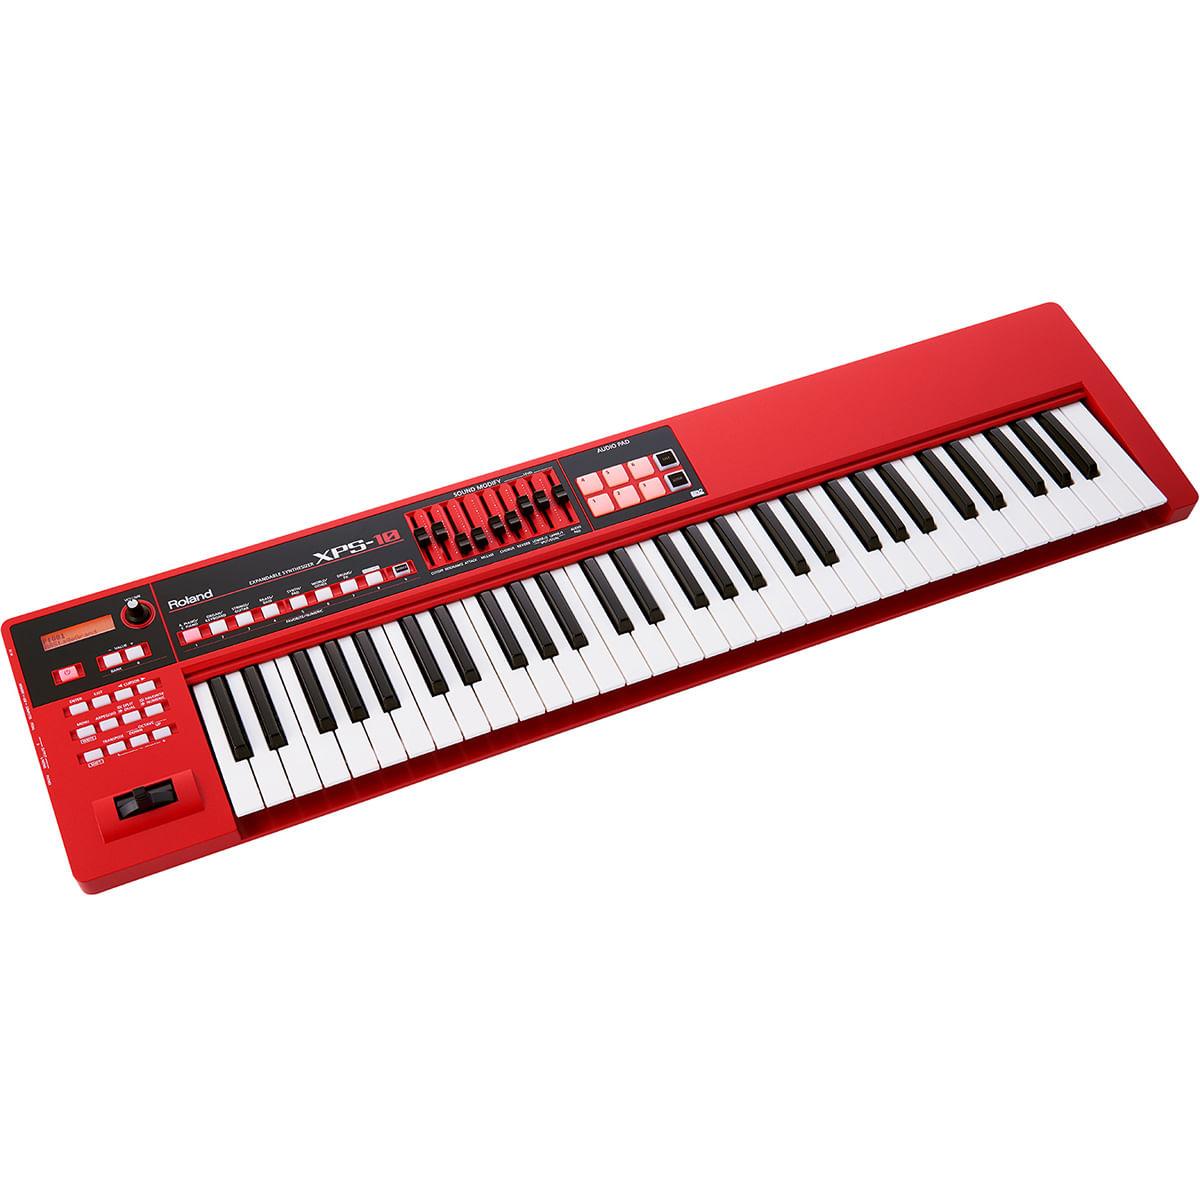 sintetizador-61-teclas-xps-10-rd-roland-29970-2